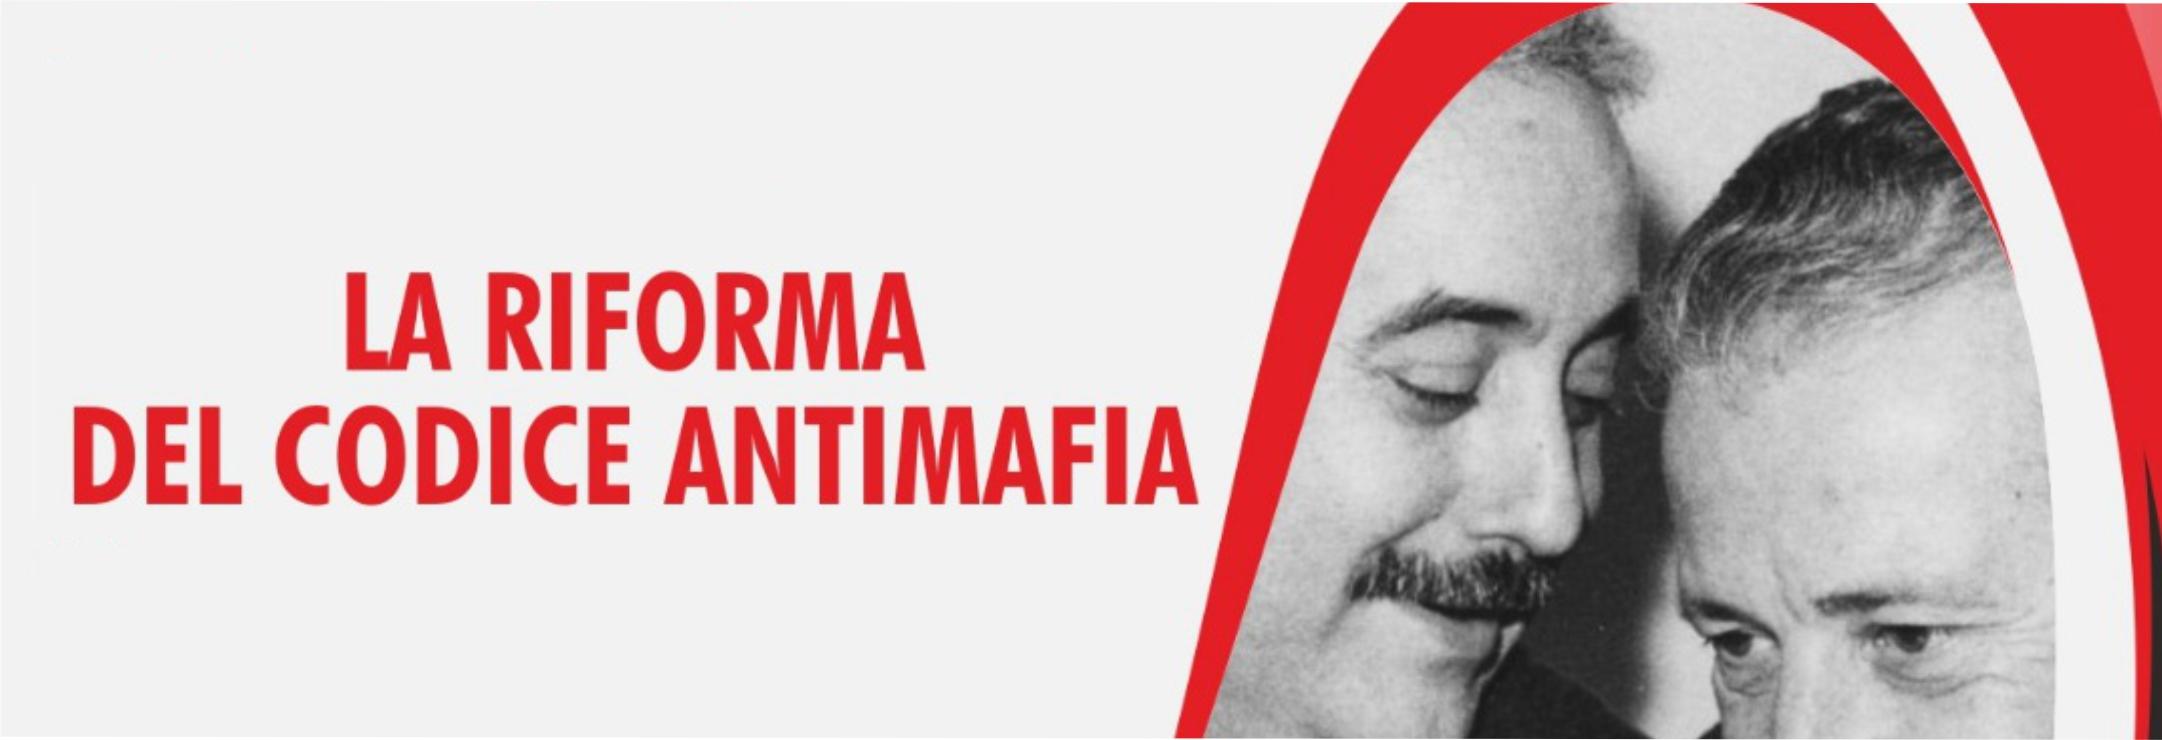 LA RIFORMA ANTIMAFIA.jpg